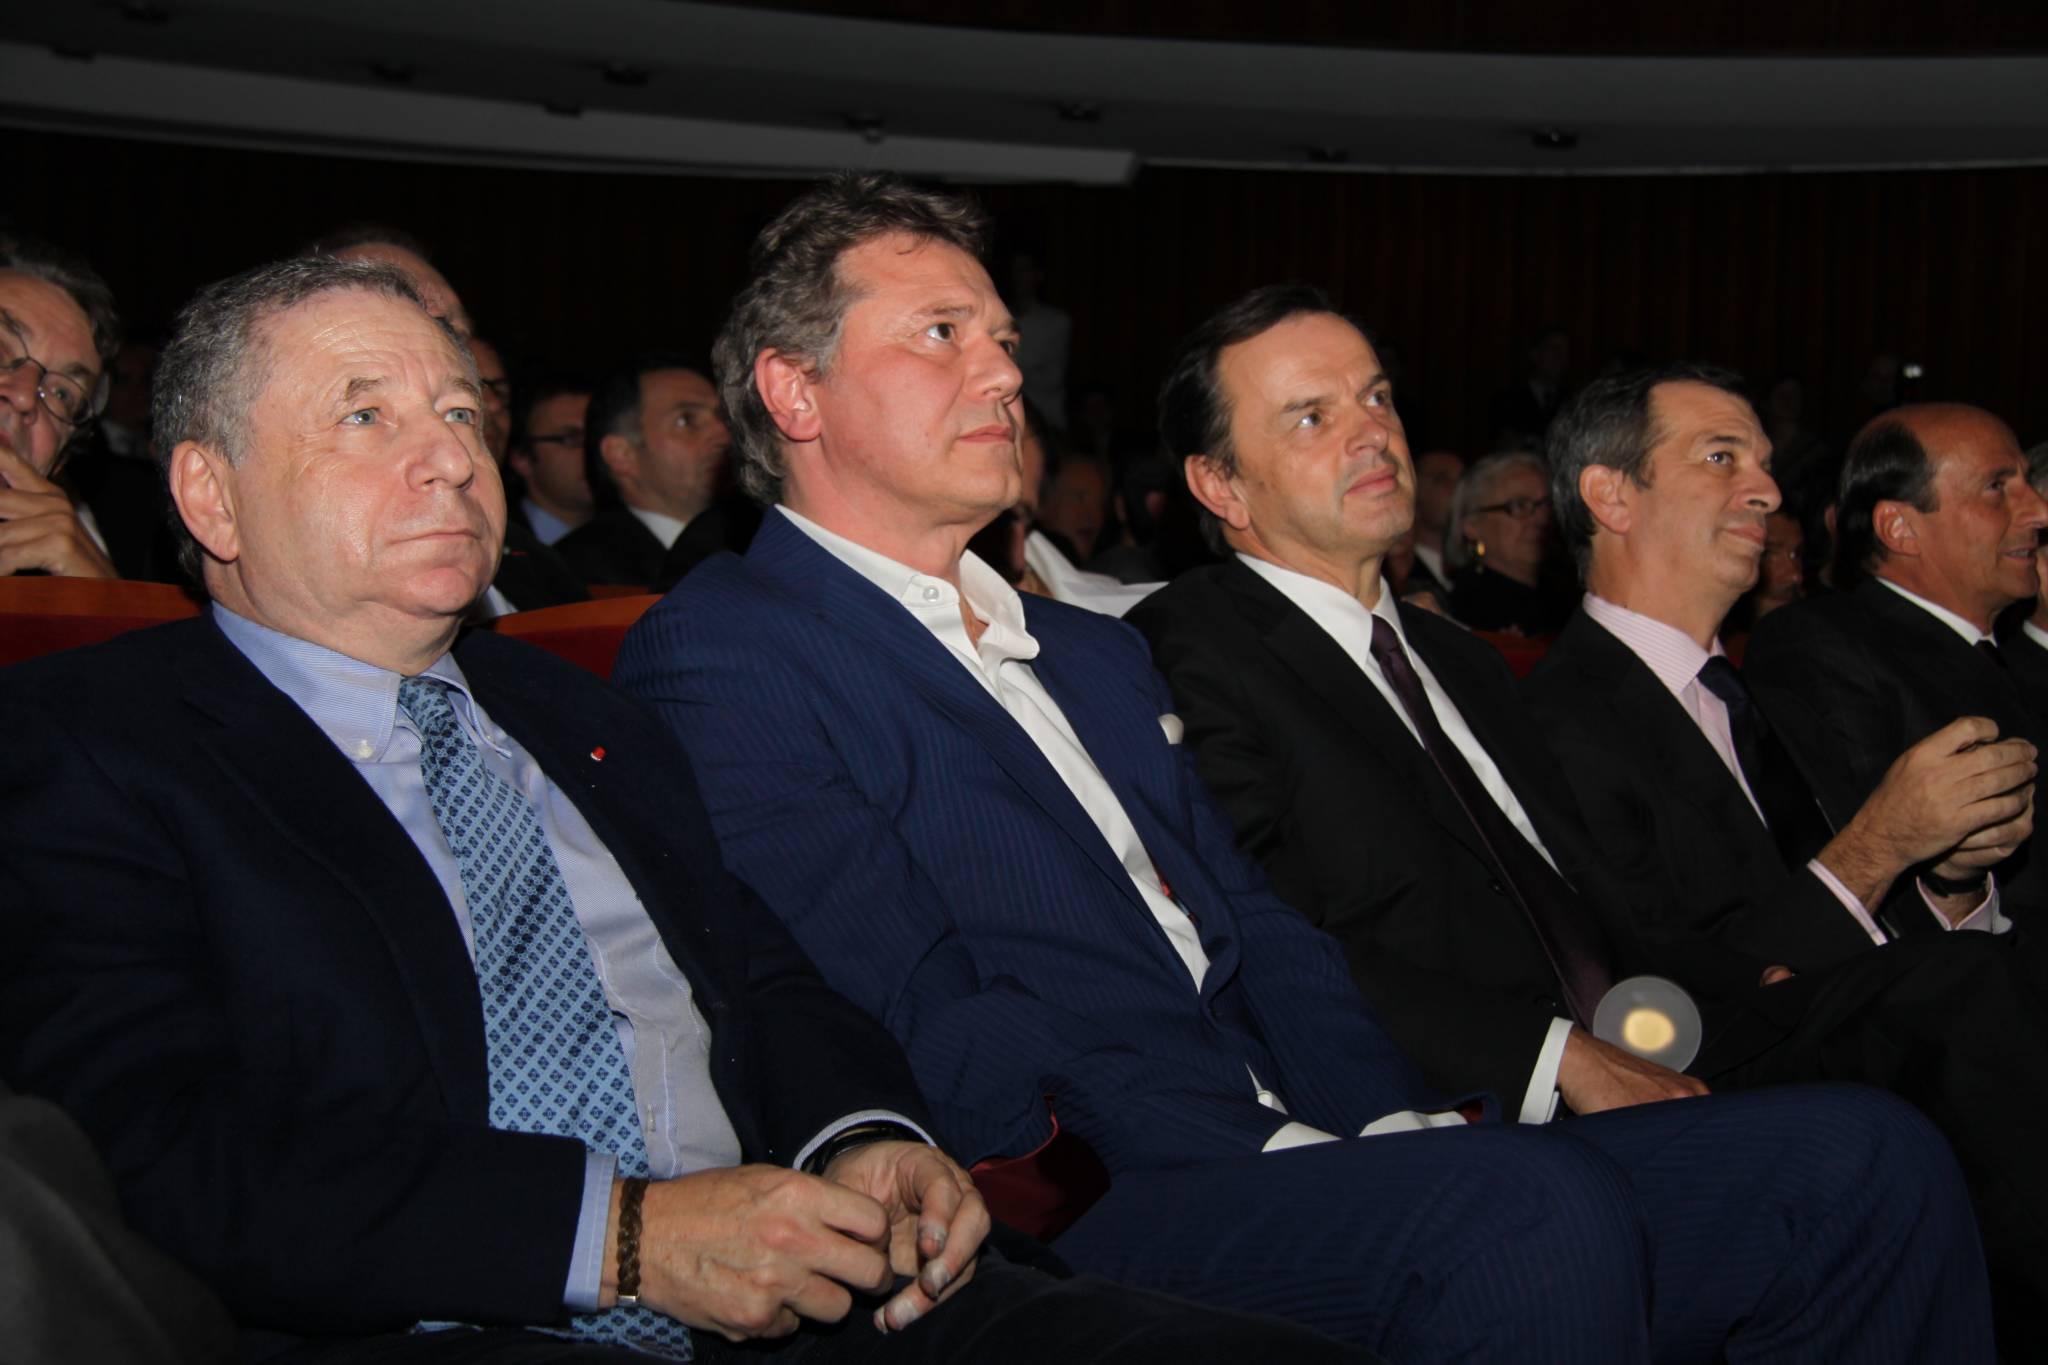 Jean Todt (Président de la FIA), François-Paul Journe (CEO, Montres Journe), Stanislas de Quercise (Président et CEO, Van Cleef and Arpels), Philippe Léopold-Metzger (CEO, Piaget), Richard Mille (CEO, Richard Mille), cérémonie 2010